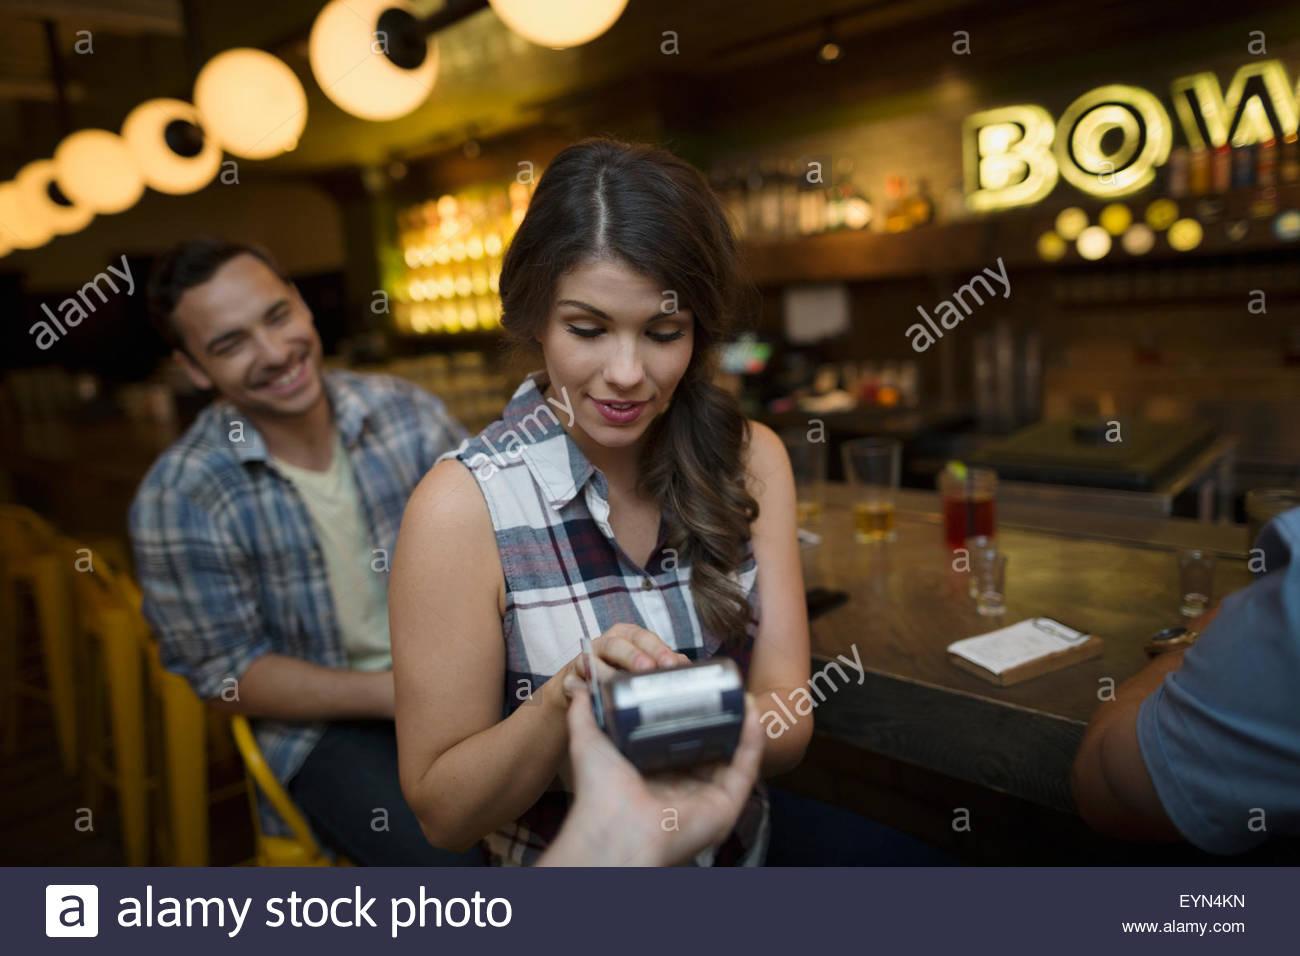 Les amis de payer pour le projet de loi au bowling bar Photo Stock